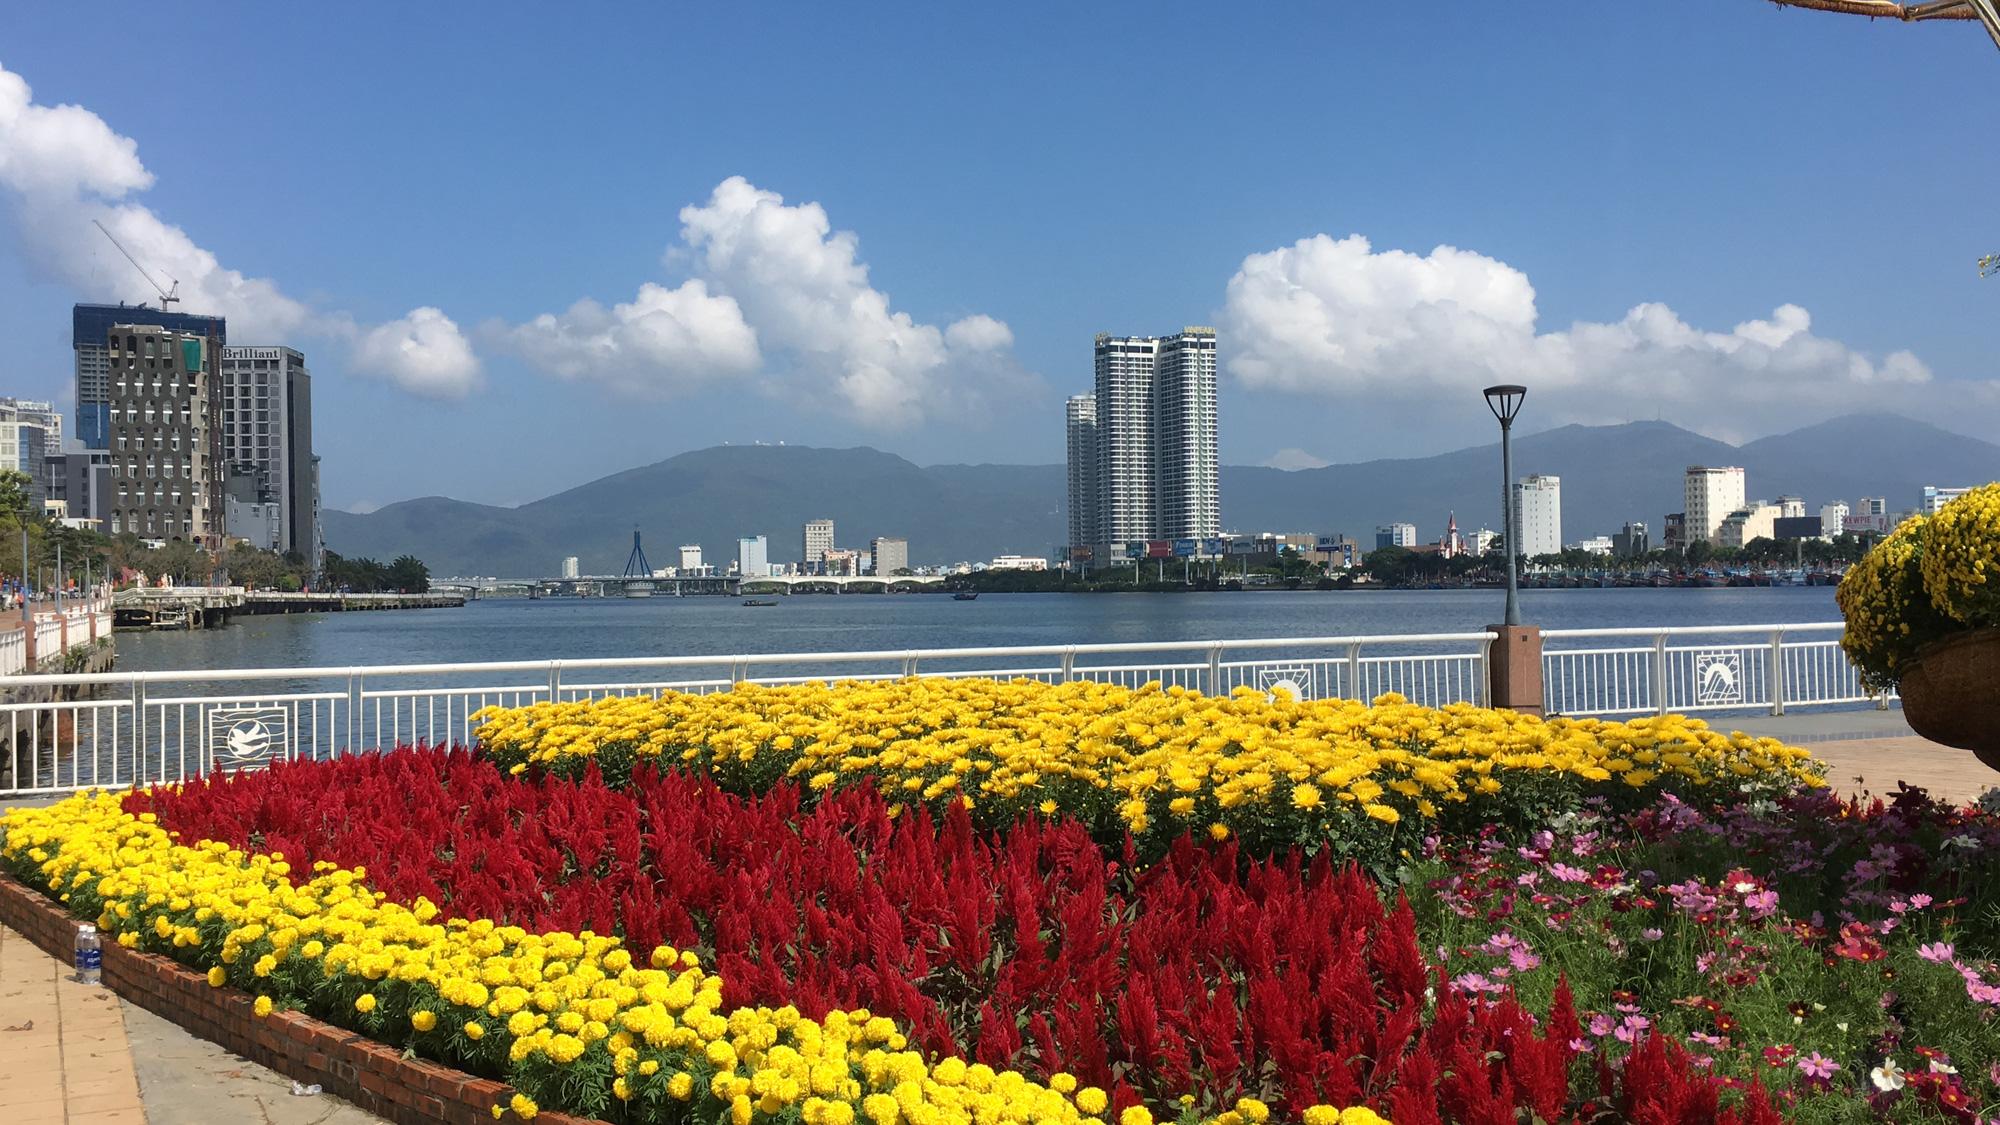 Hối hả thi công đường hoa Đà Nẵng để người dân tham quan, chơi Tết Canh Tý 2020 - Ảnh 8.